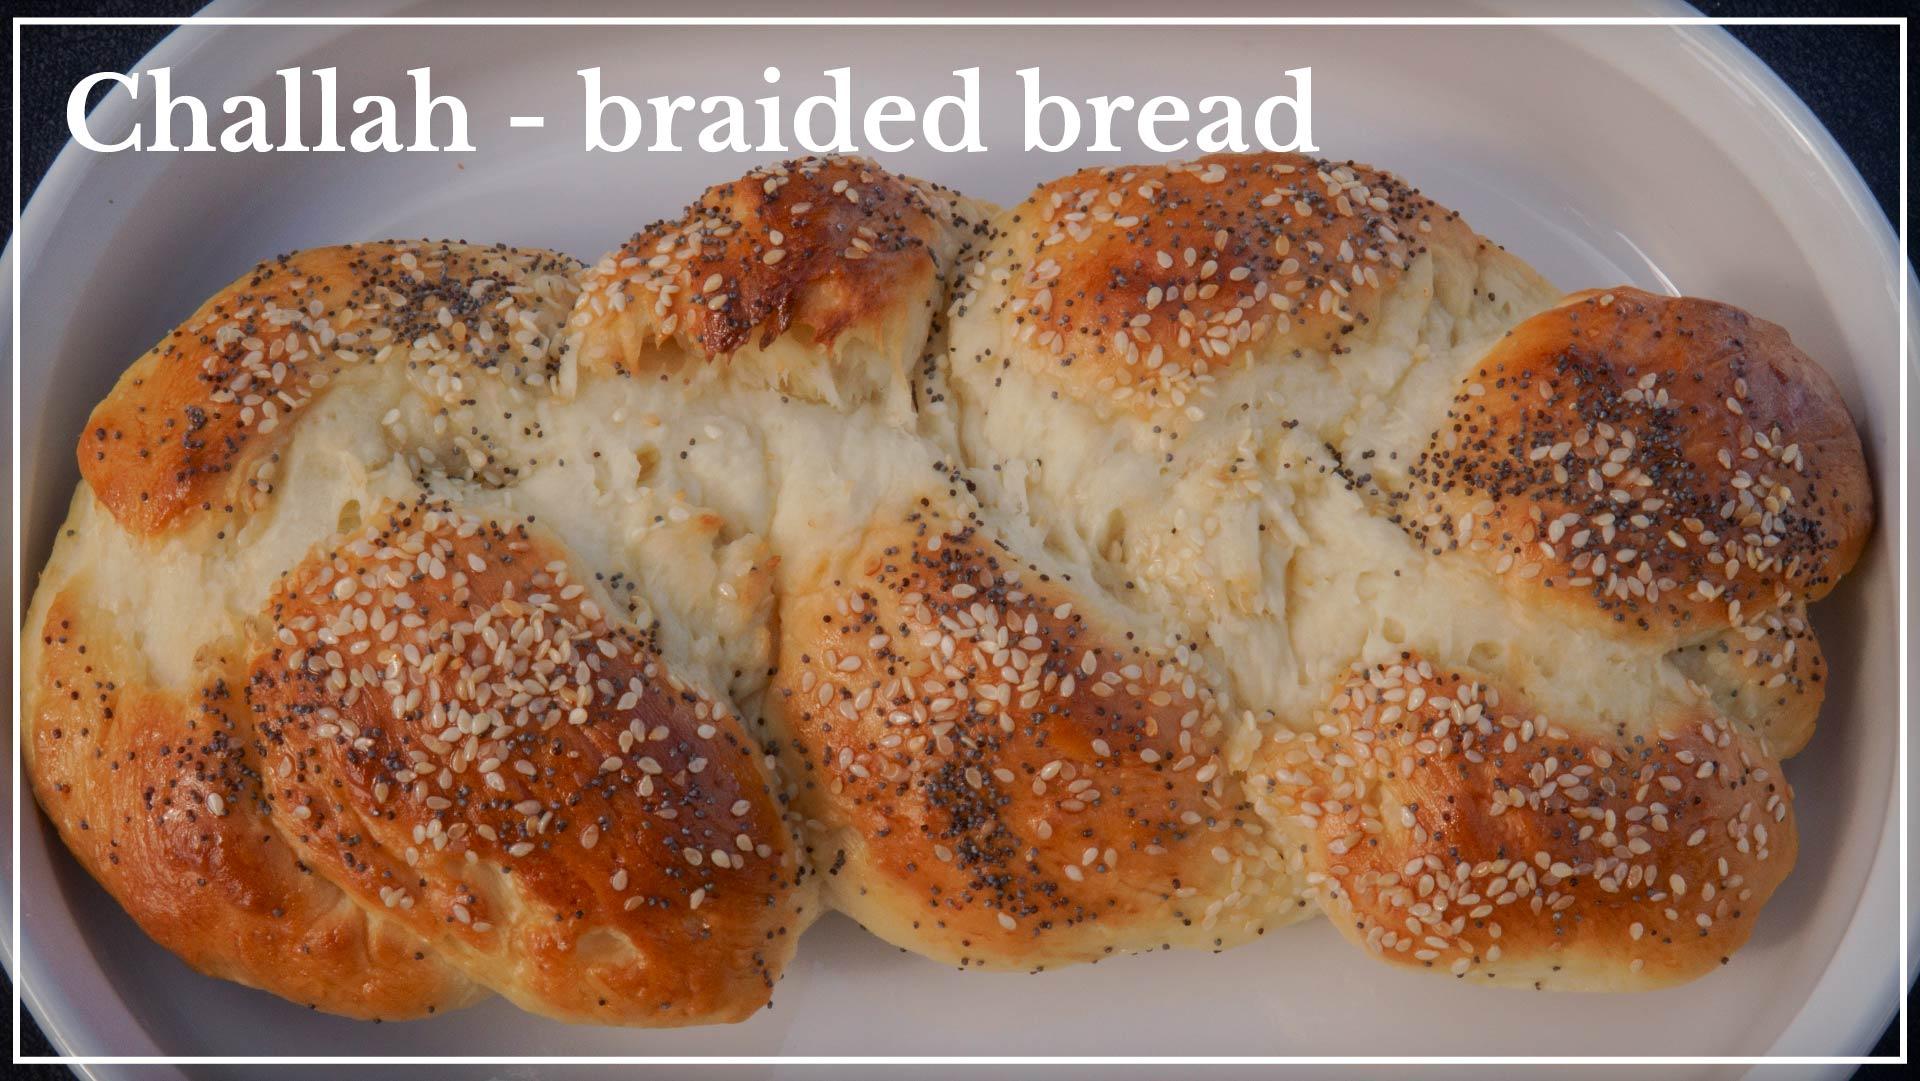 Challah - Braided Bread